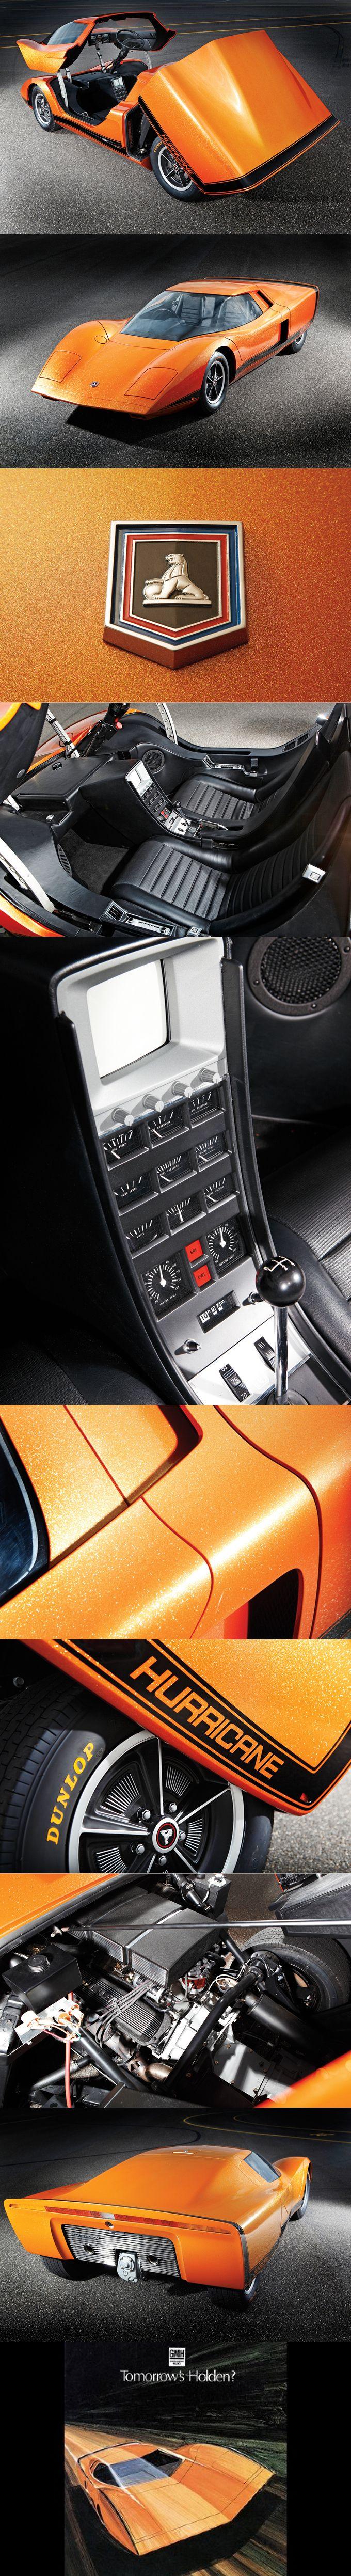 1969 Holden Hurricane / 4.1l 280hp V8 / concept / Australia / orange black